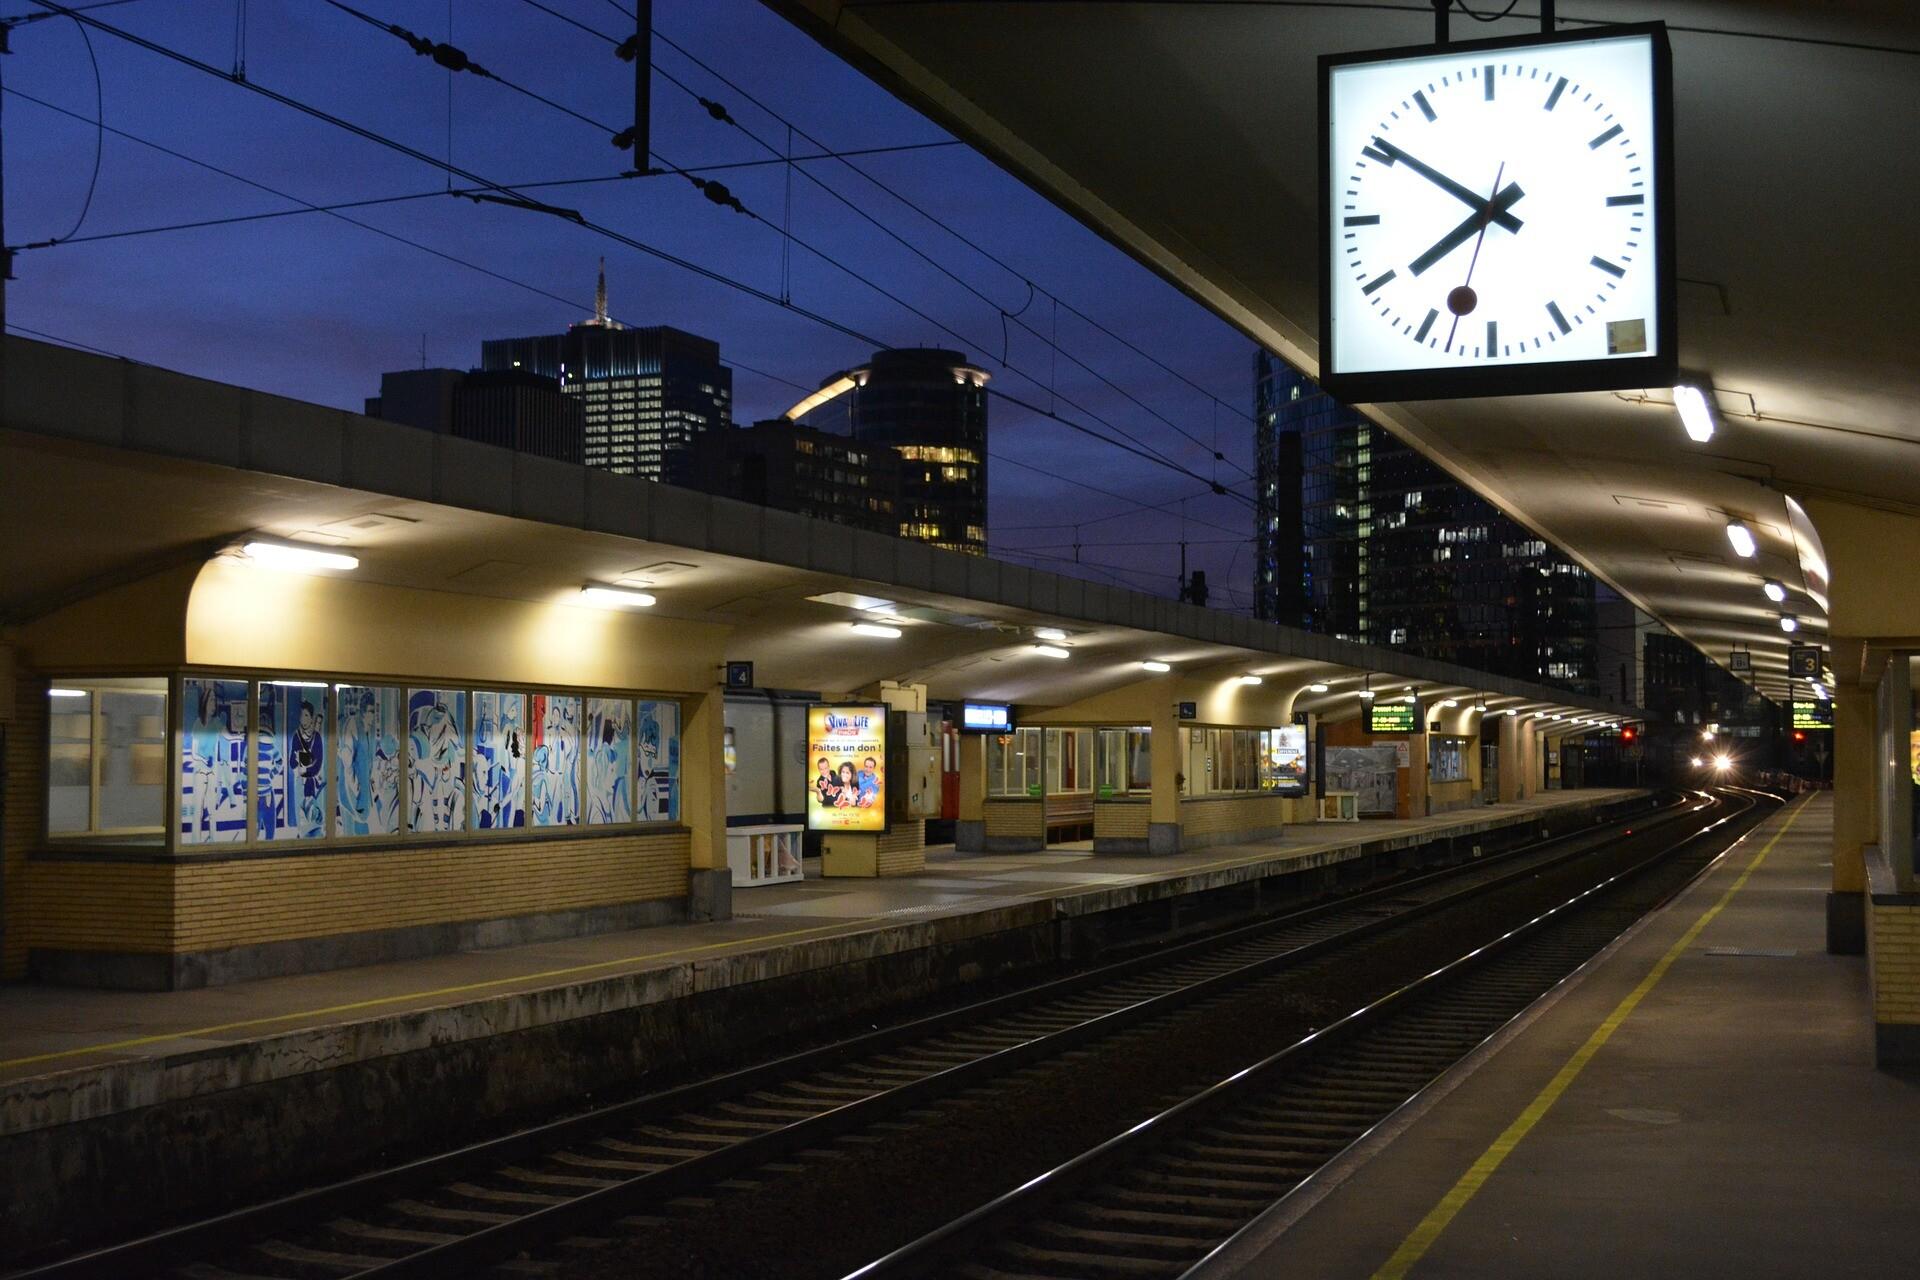 Transporte público en Bruselas – Cómo moverse por Bruselas y Bélgica